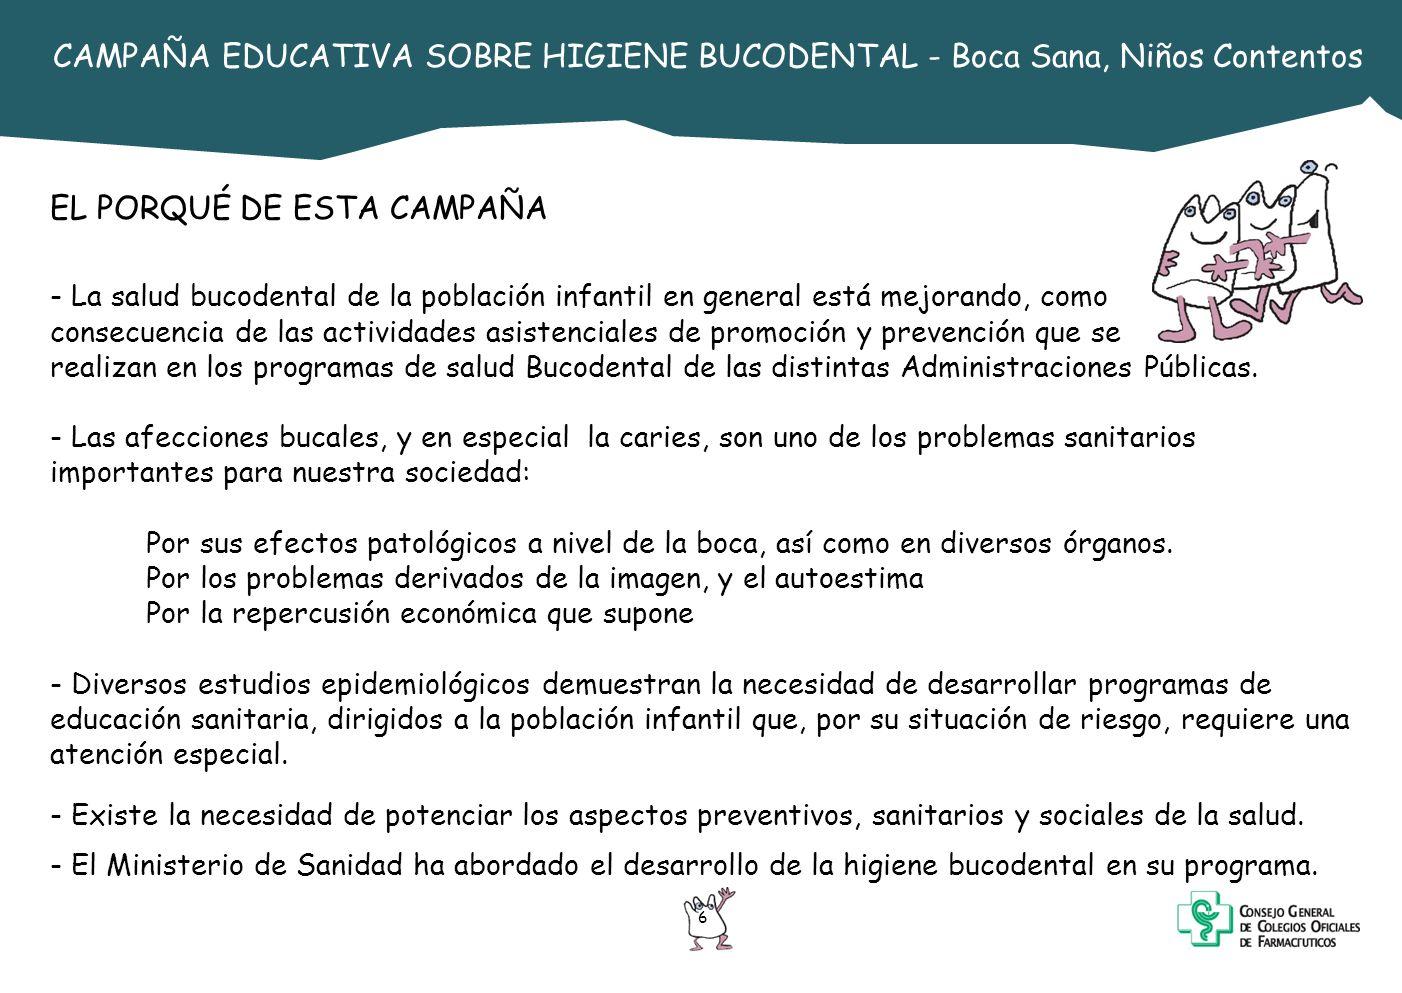 6 CAMPAÑA EDUCATIVA SOBRE HIGIENE BUCODENTAL - Boca Sana, Niños Contentos EL PORQUÉ DE ESTA CAMPAÑA - La salud bucodental de la población infantil en